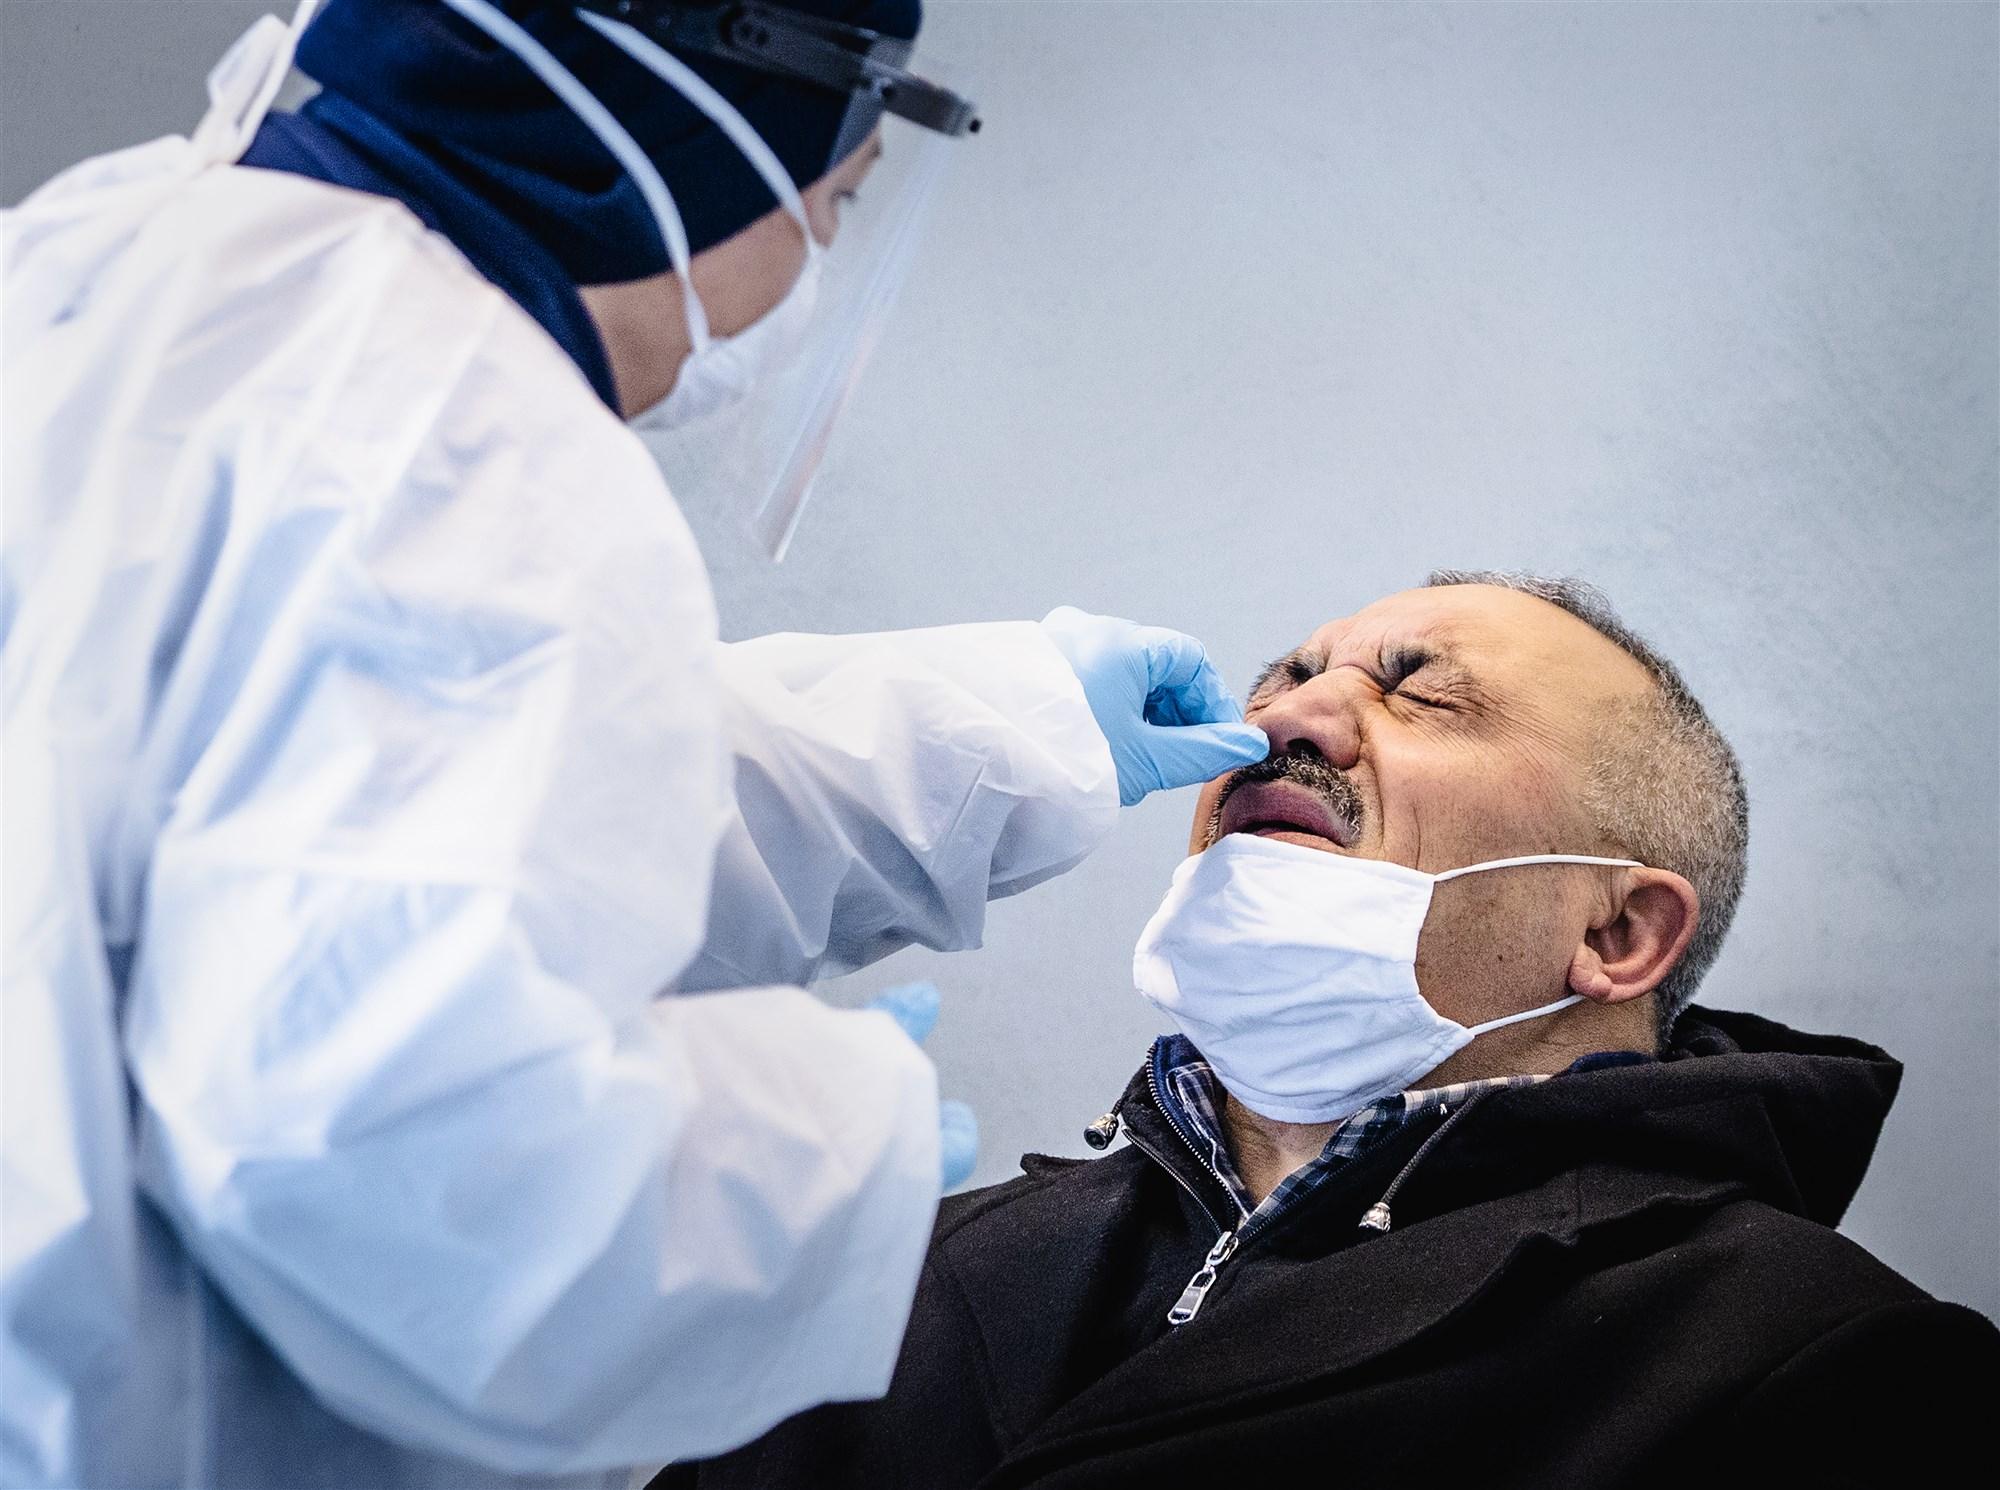 ANP-427588506 coronavirus test